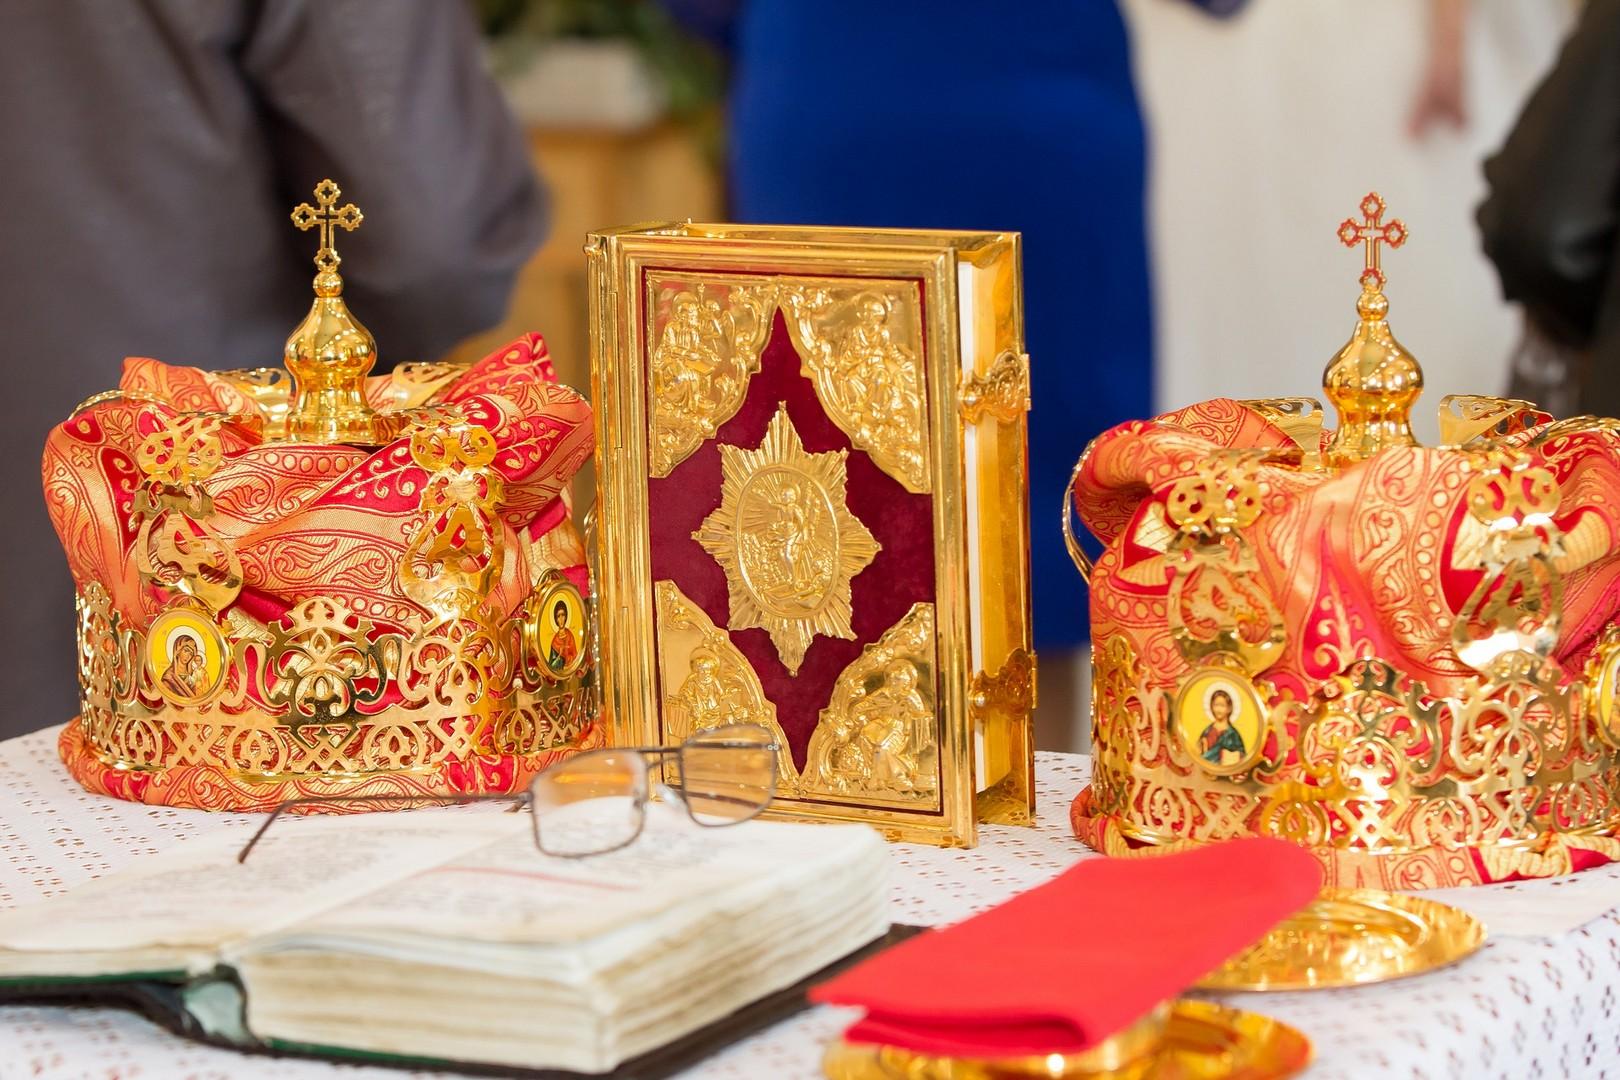 Можно ли обвенчаться без регистрации брака в ЗАГСе: религия или закон?